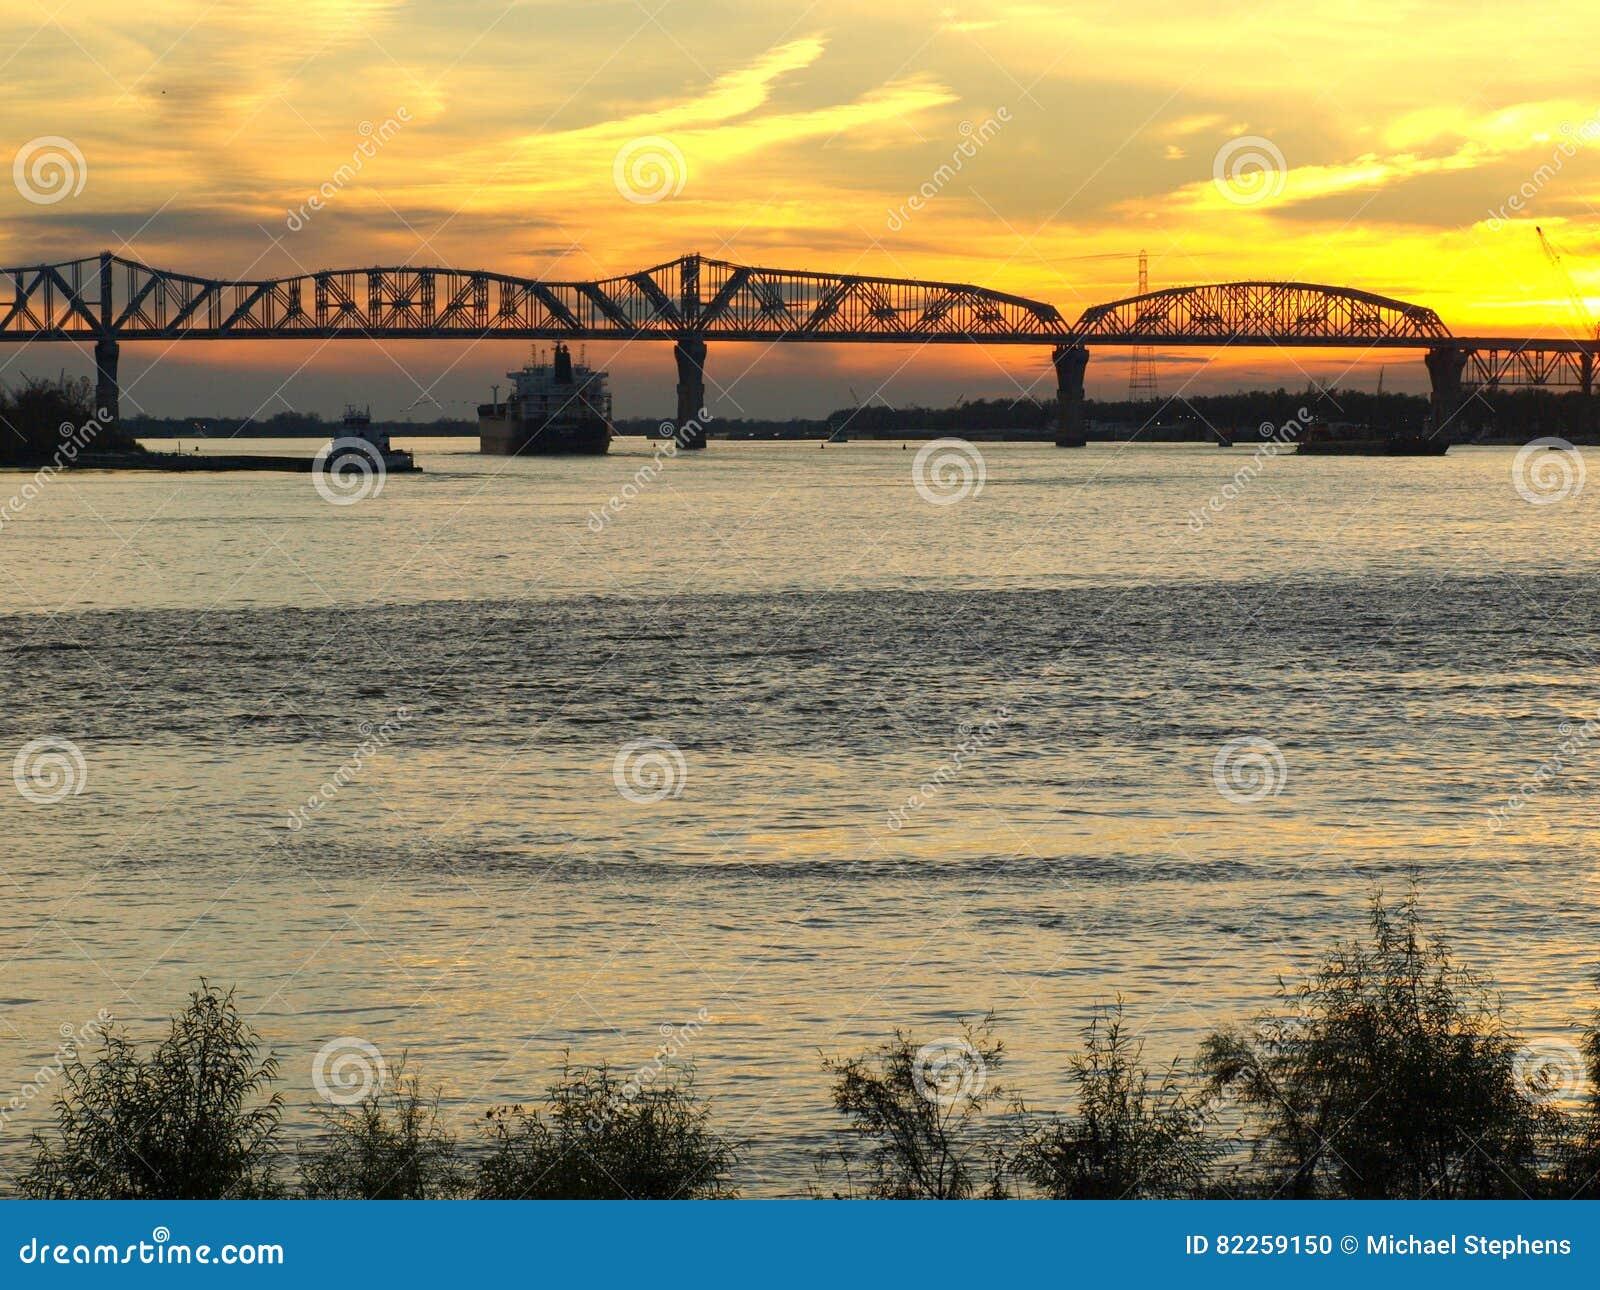 休伊・皮尔斯・朗桥梁--新奥尔良